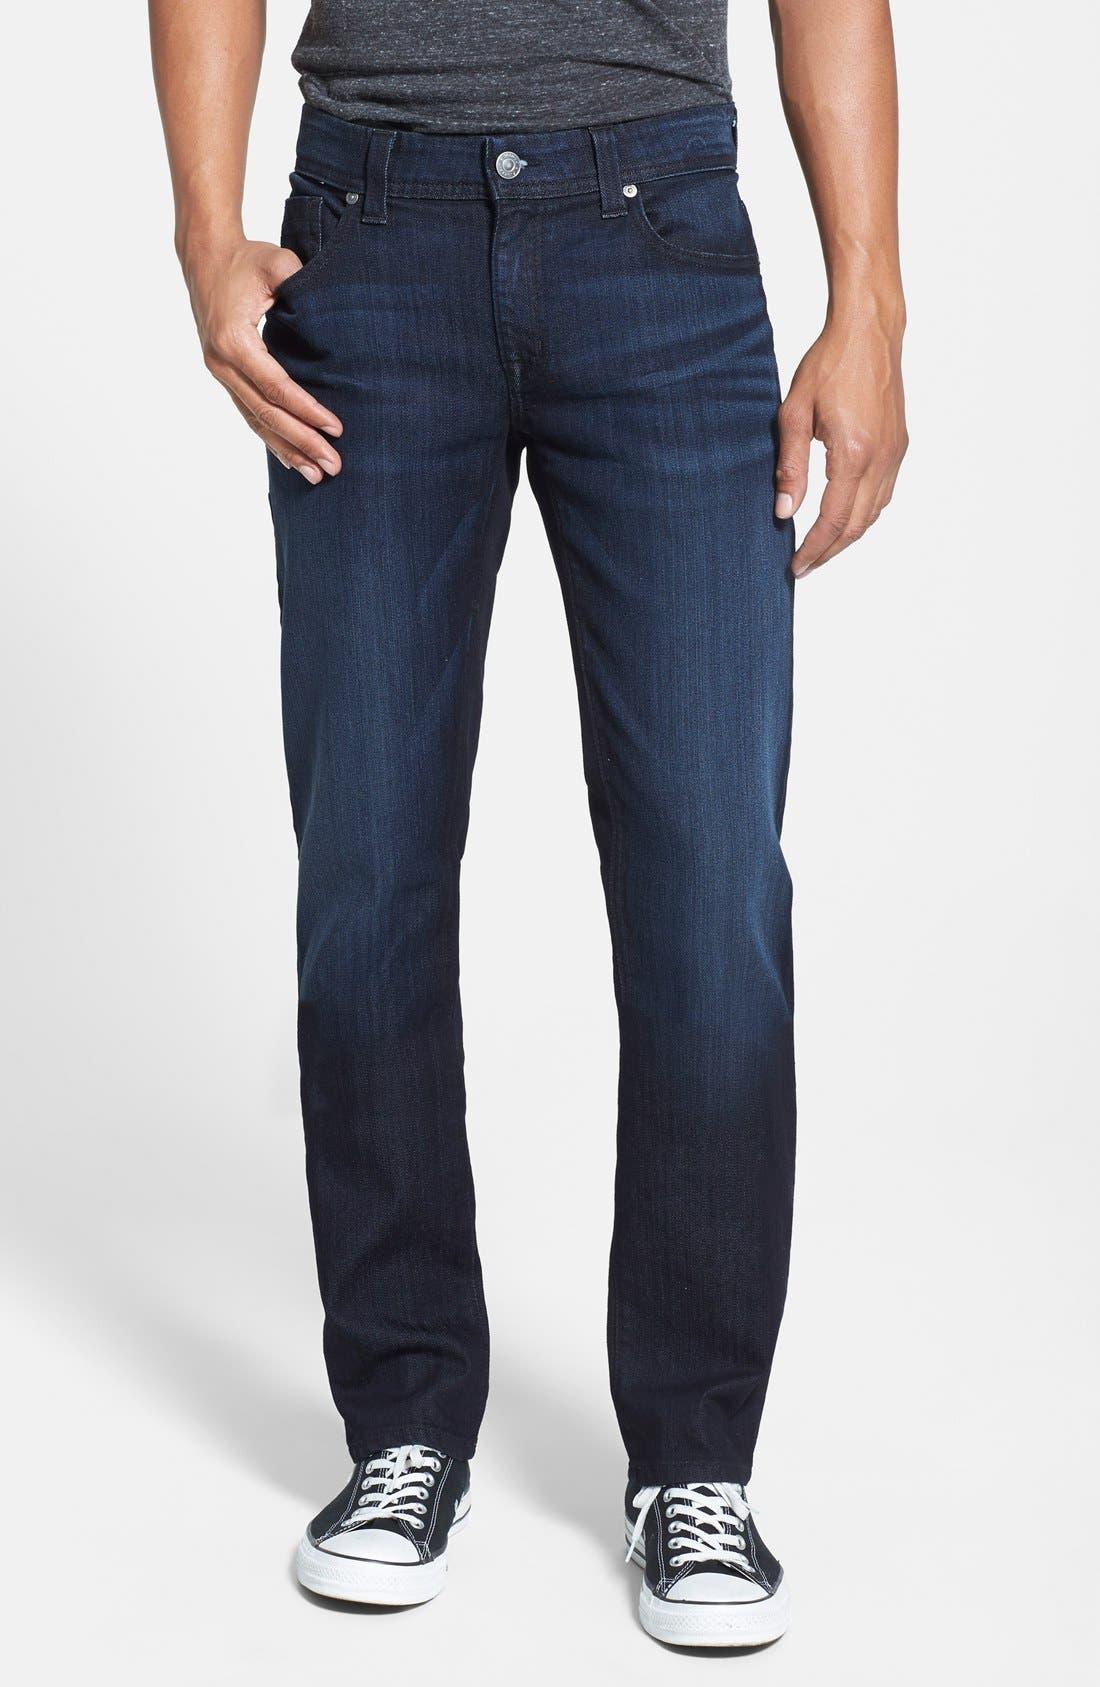 Alternate Image 1 Selected - Fidelity Denim 'Jimmy' Slim Straight Leg Jeans (Blue/Black)